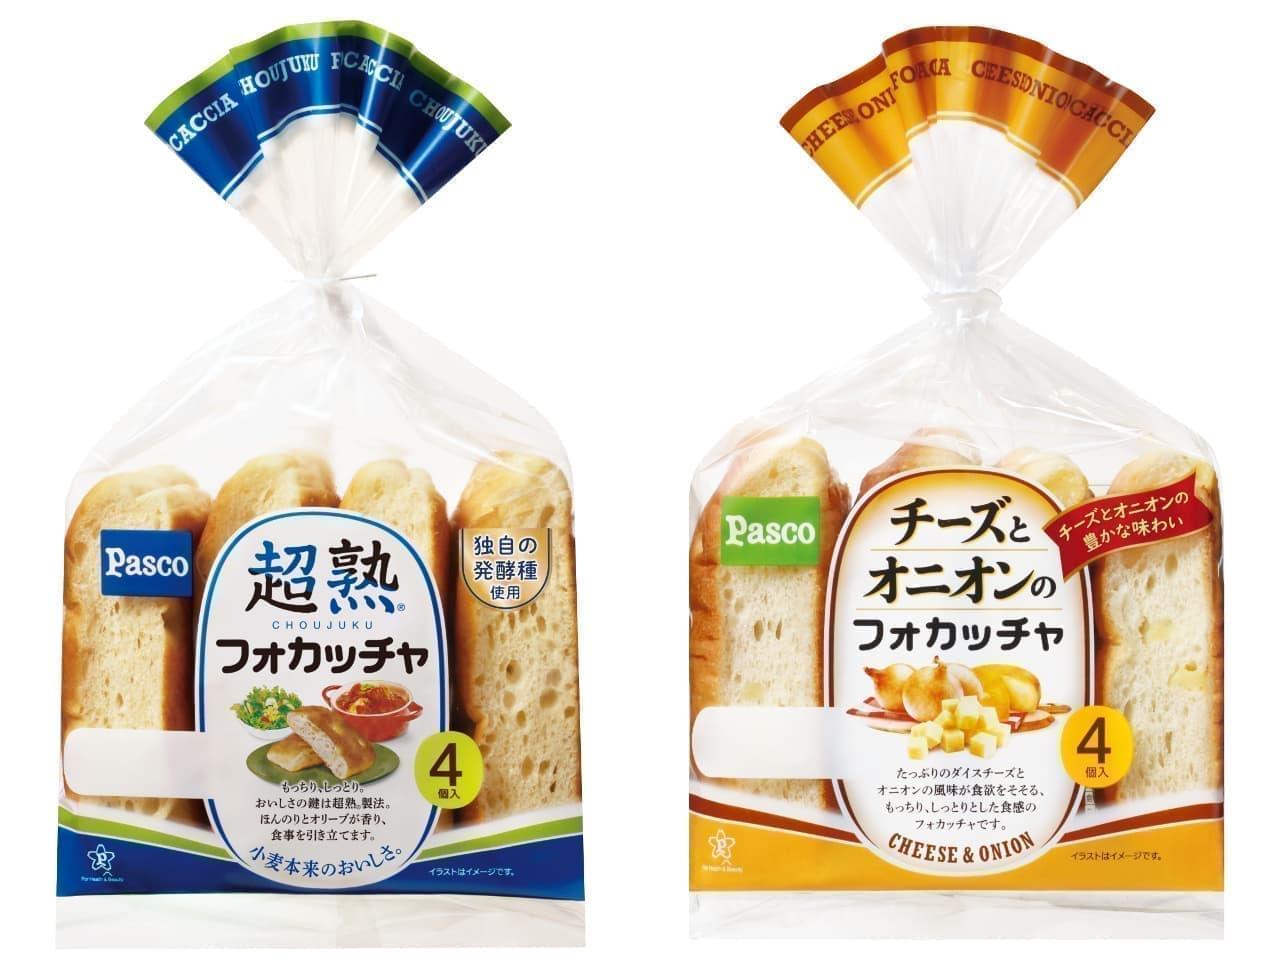 「超熟フォカッチャ」と「チーズとオニオンのフォカッチャ」